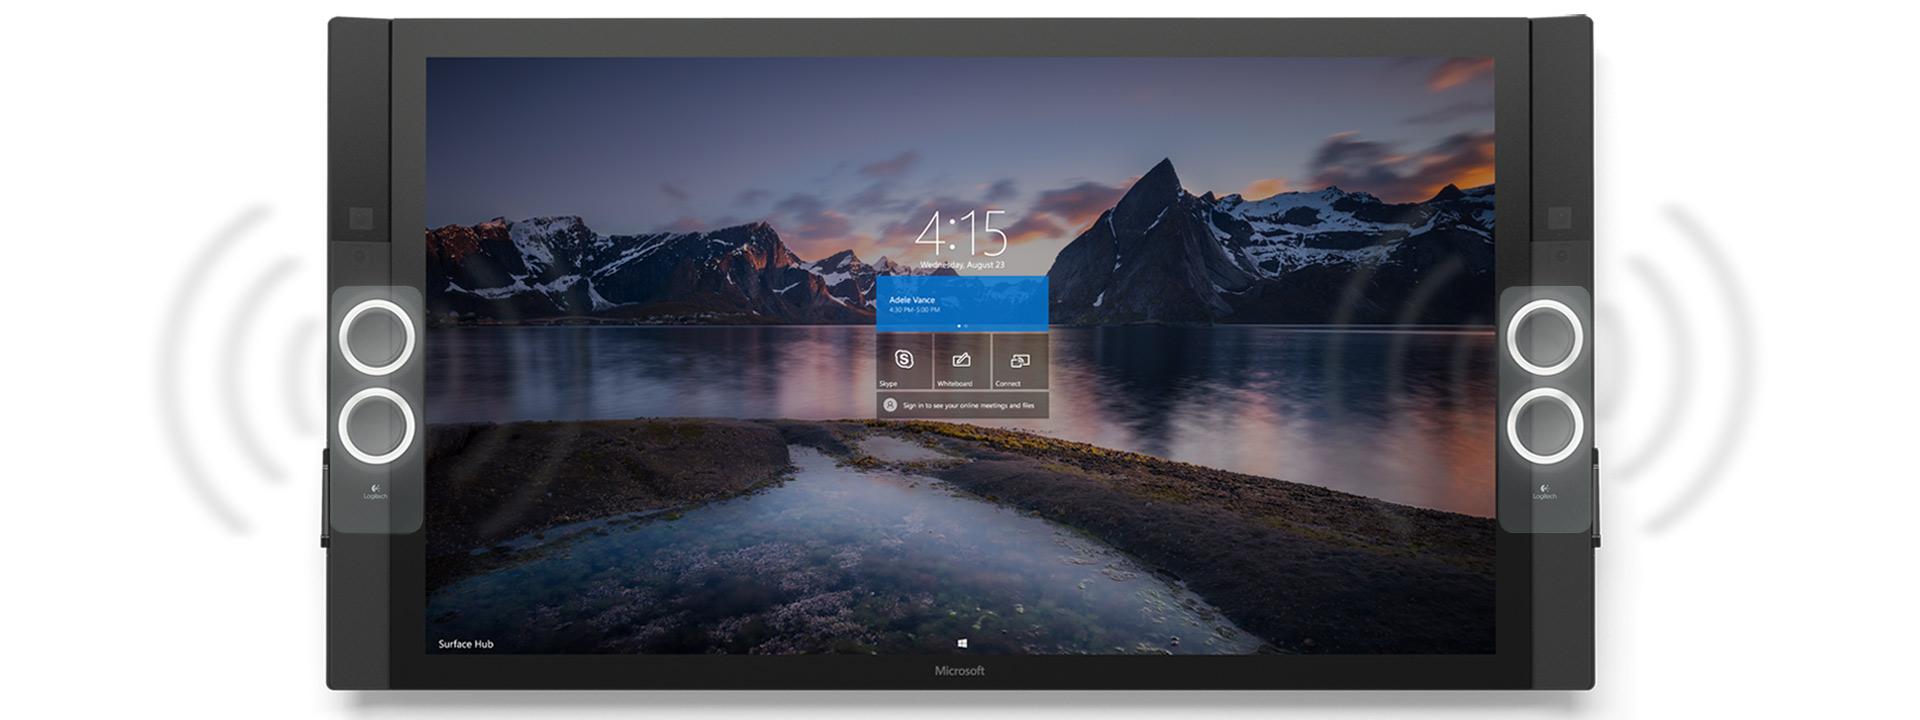 Vista frontal de Surface Hub con una imagen de la naturaleza en la pantalla de inicio e ilustraciones que muestras los altavoces vibrando con sonido.